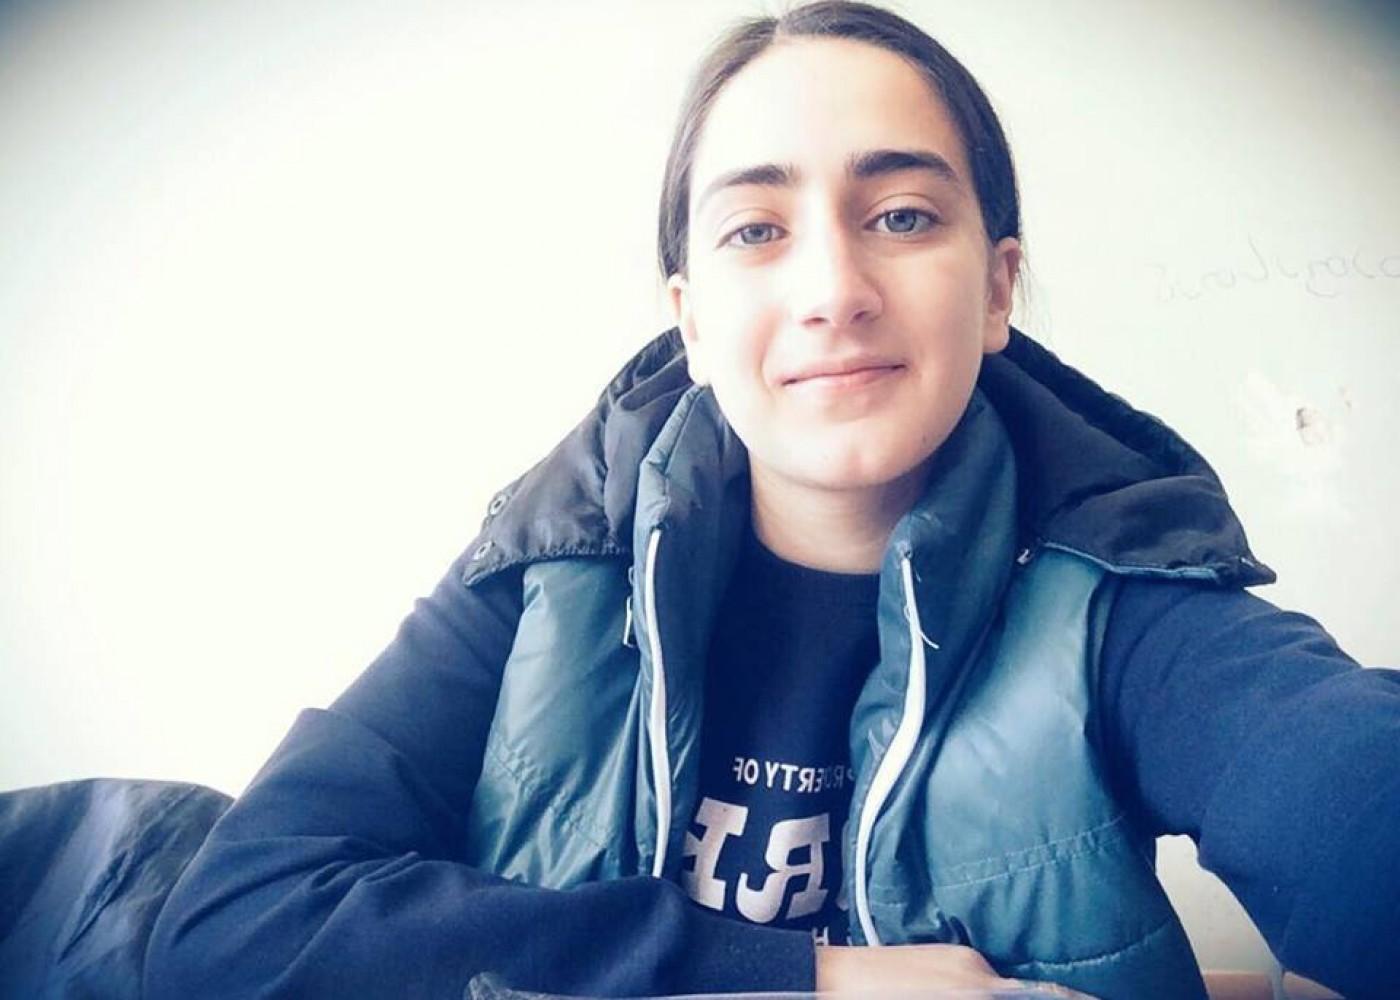 ექსკლუზივი: 19 წლის გოგონას მკვლელობაში ეჭვმიტანილს ბრალი წაუყენეს